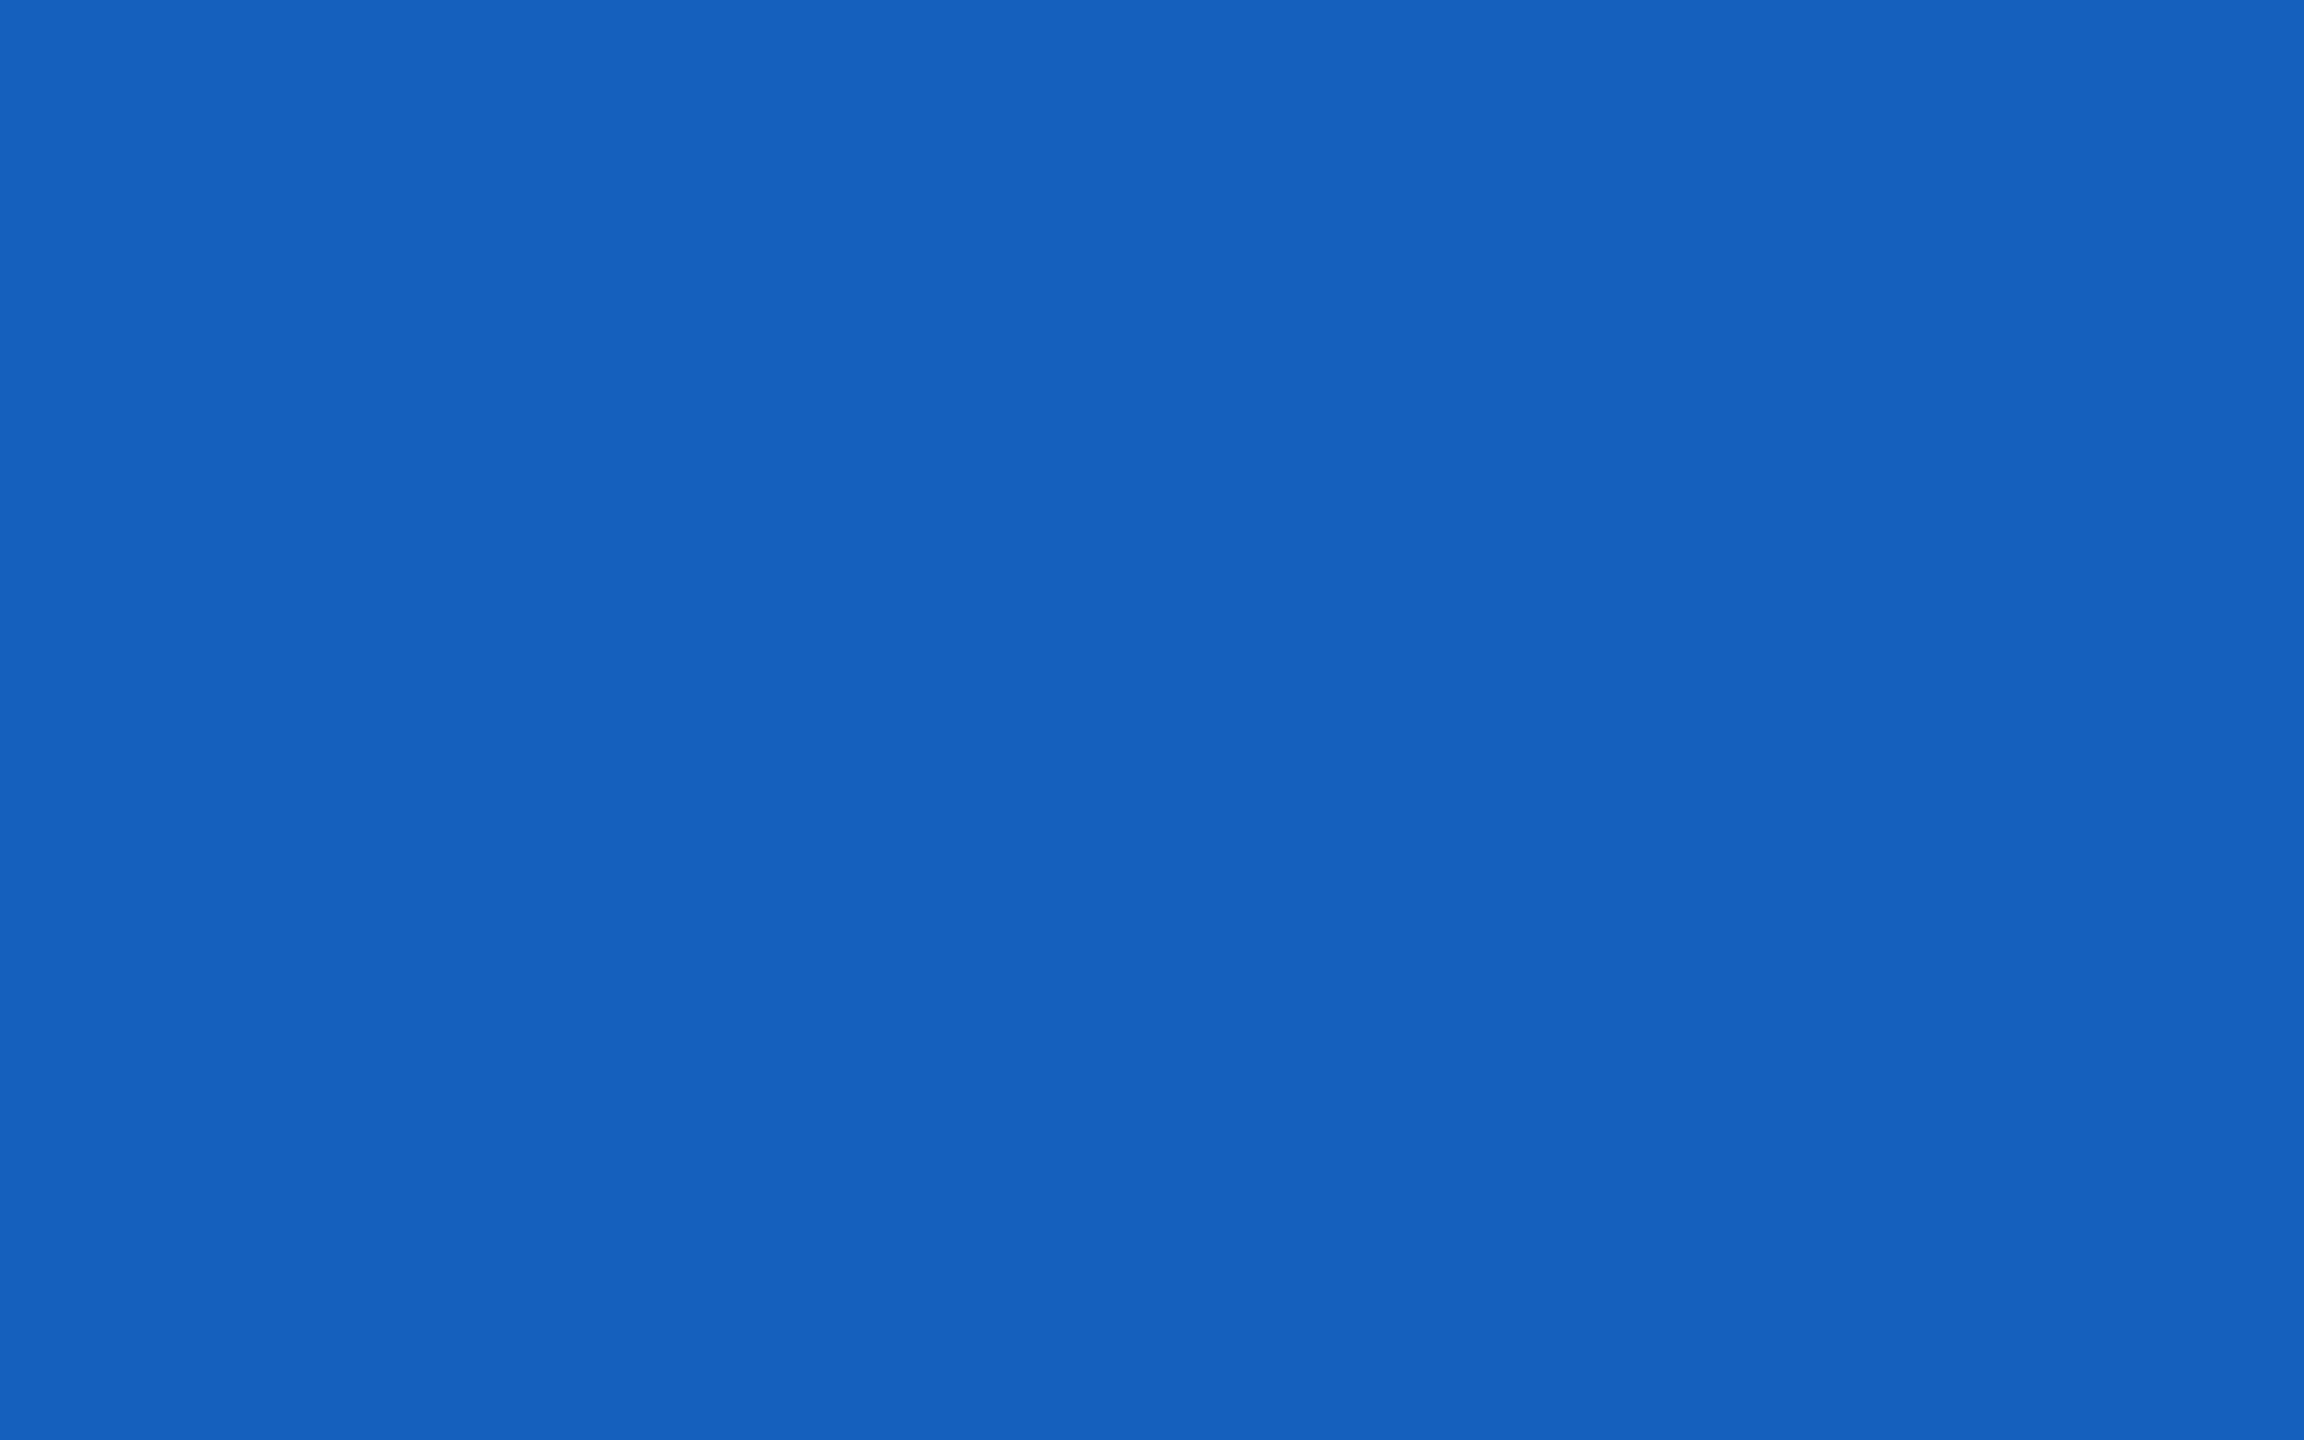 2304x1440 Denim Solid Color Background